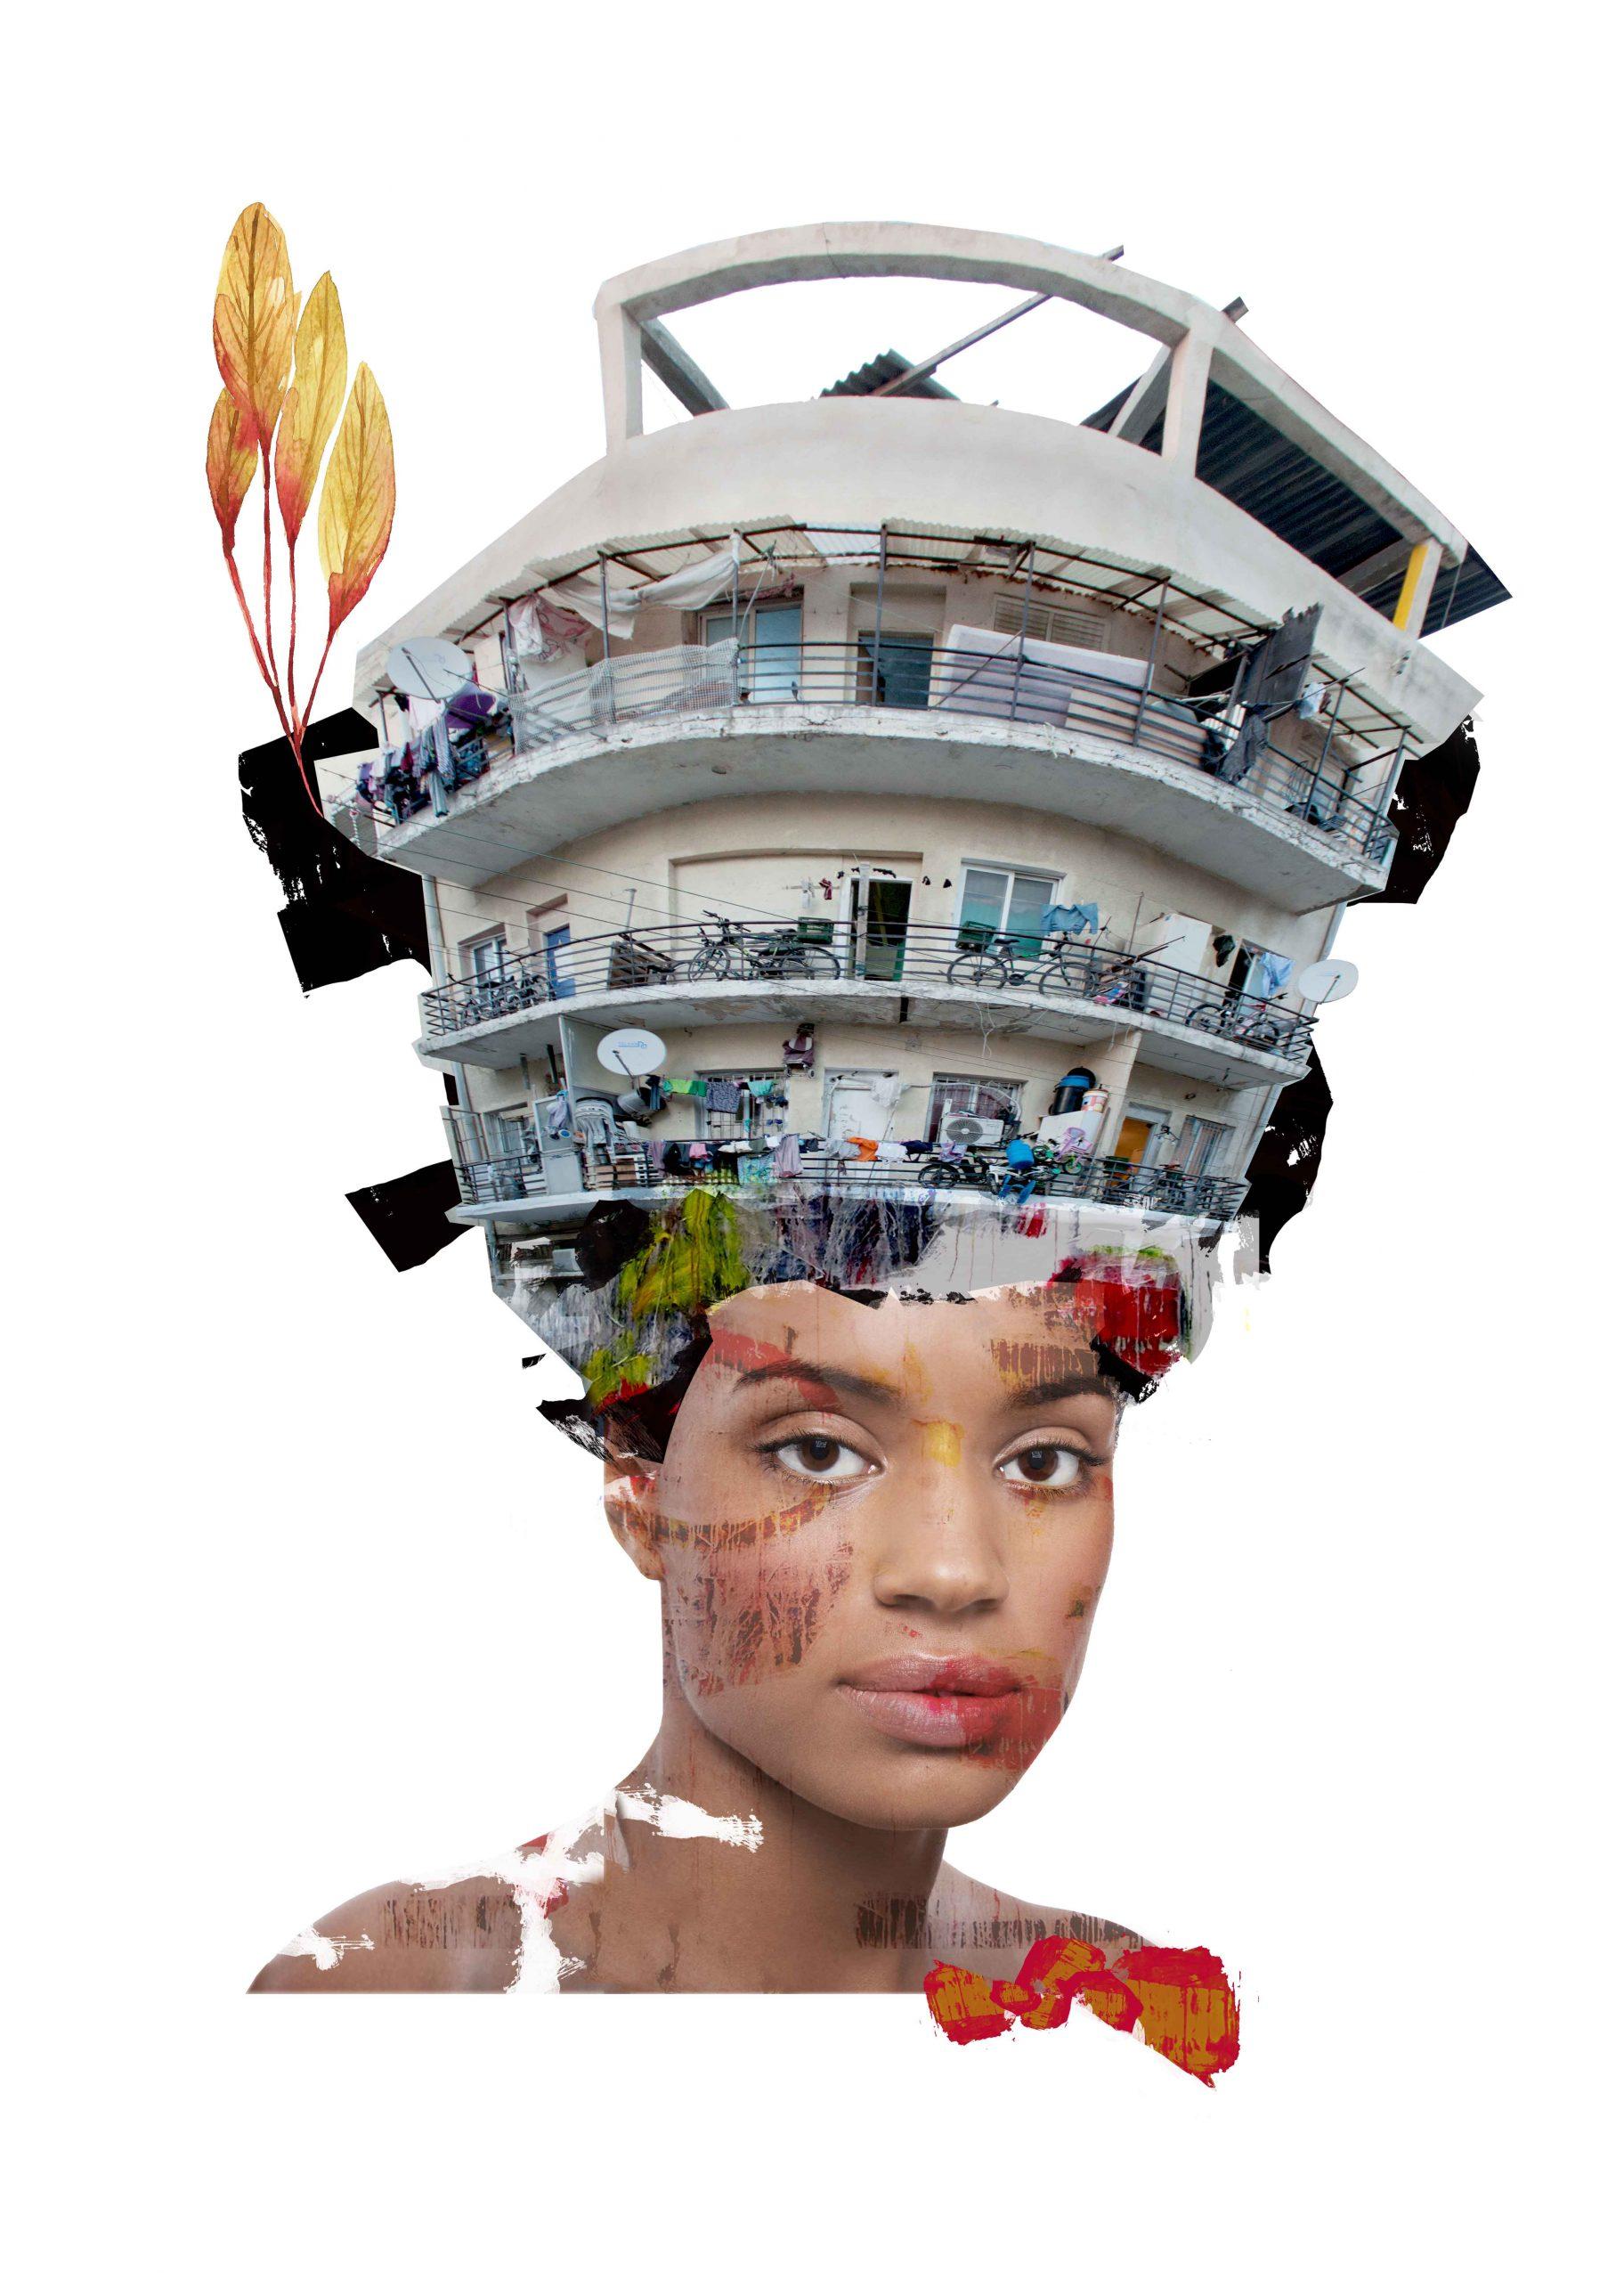 נערה כהת עור שעל ראשה בניין בהאוס תל אביבי ונוצה